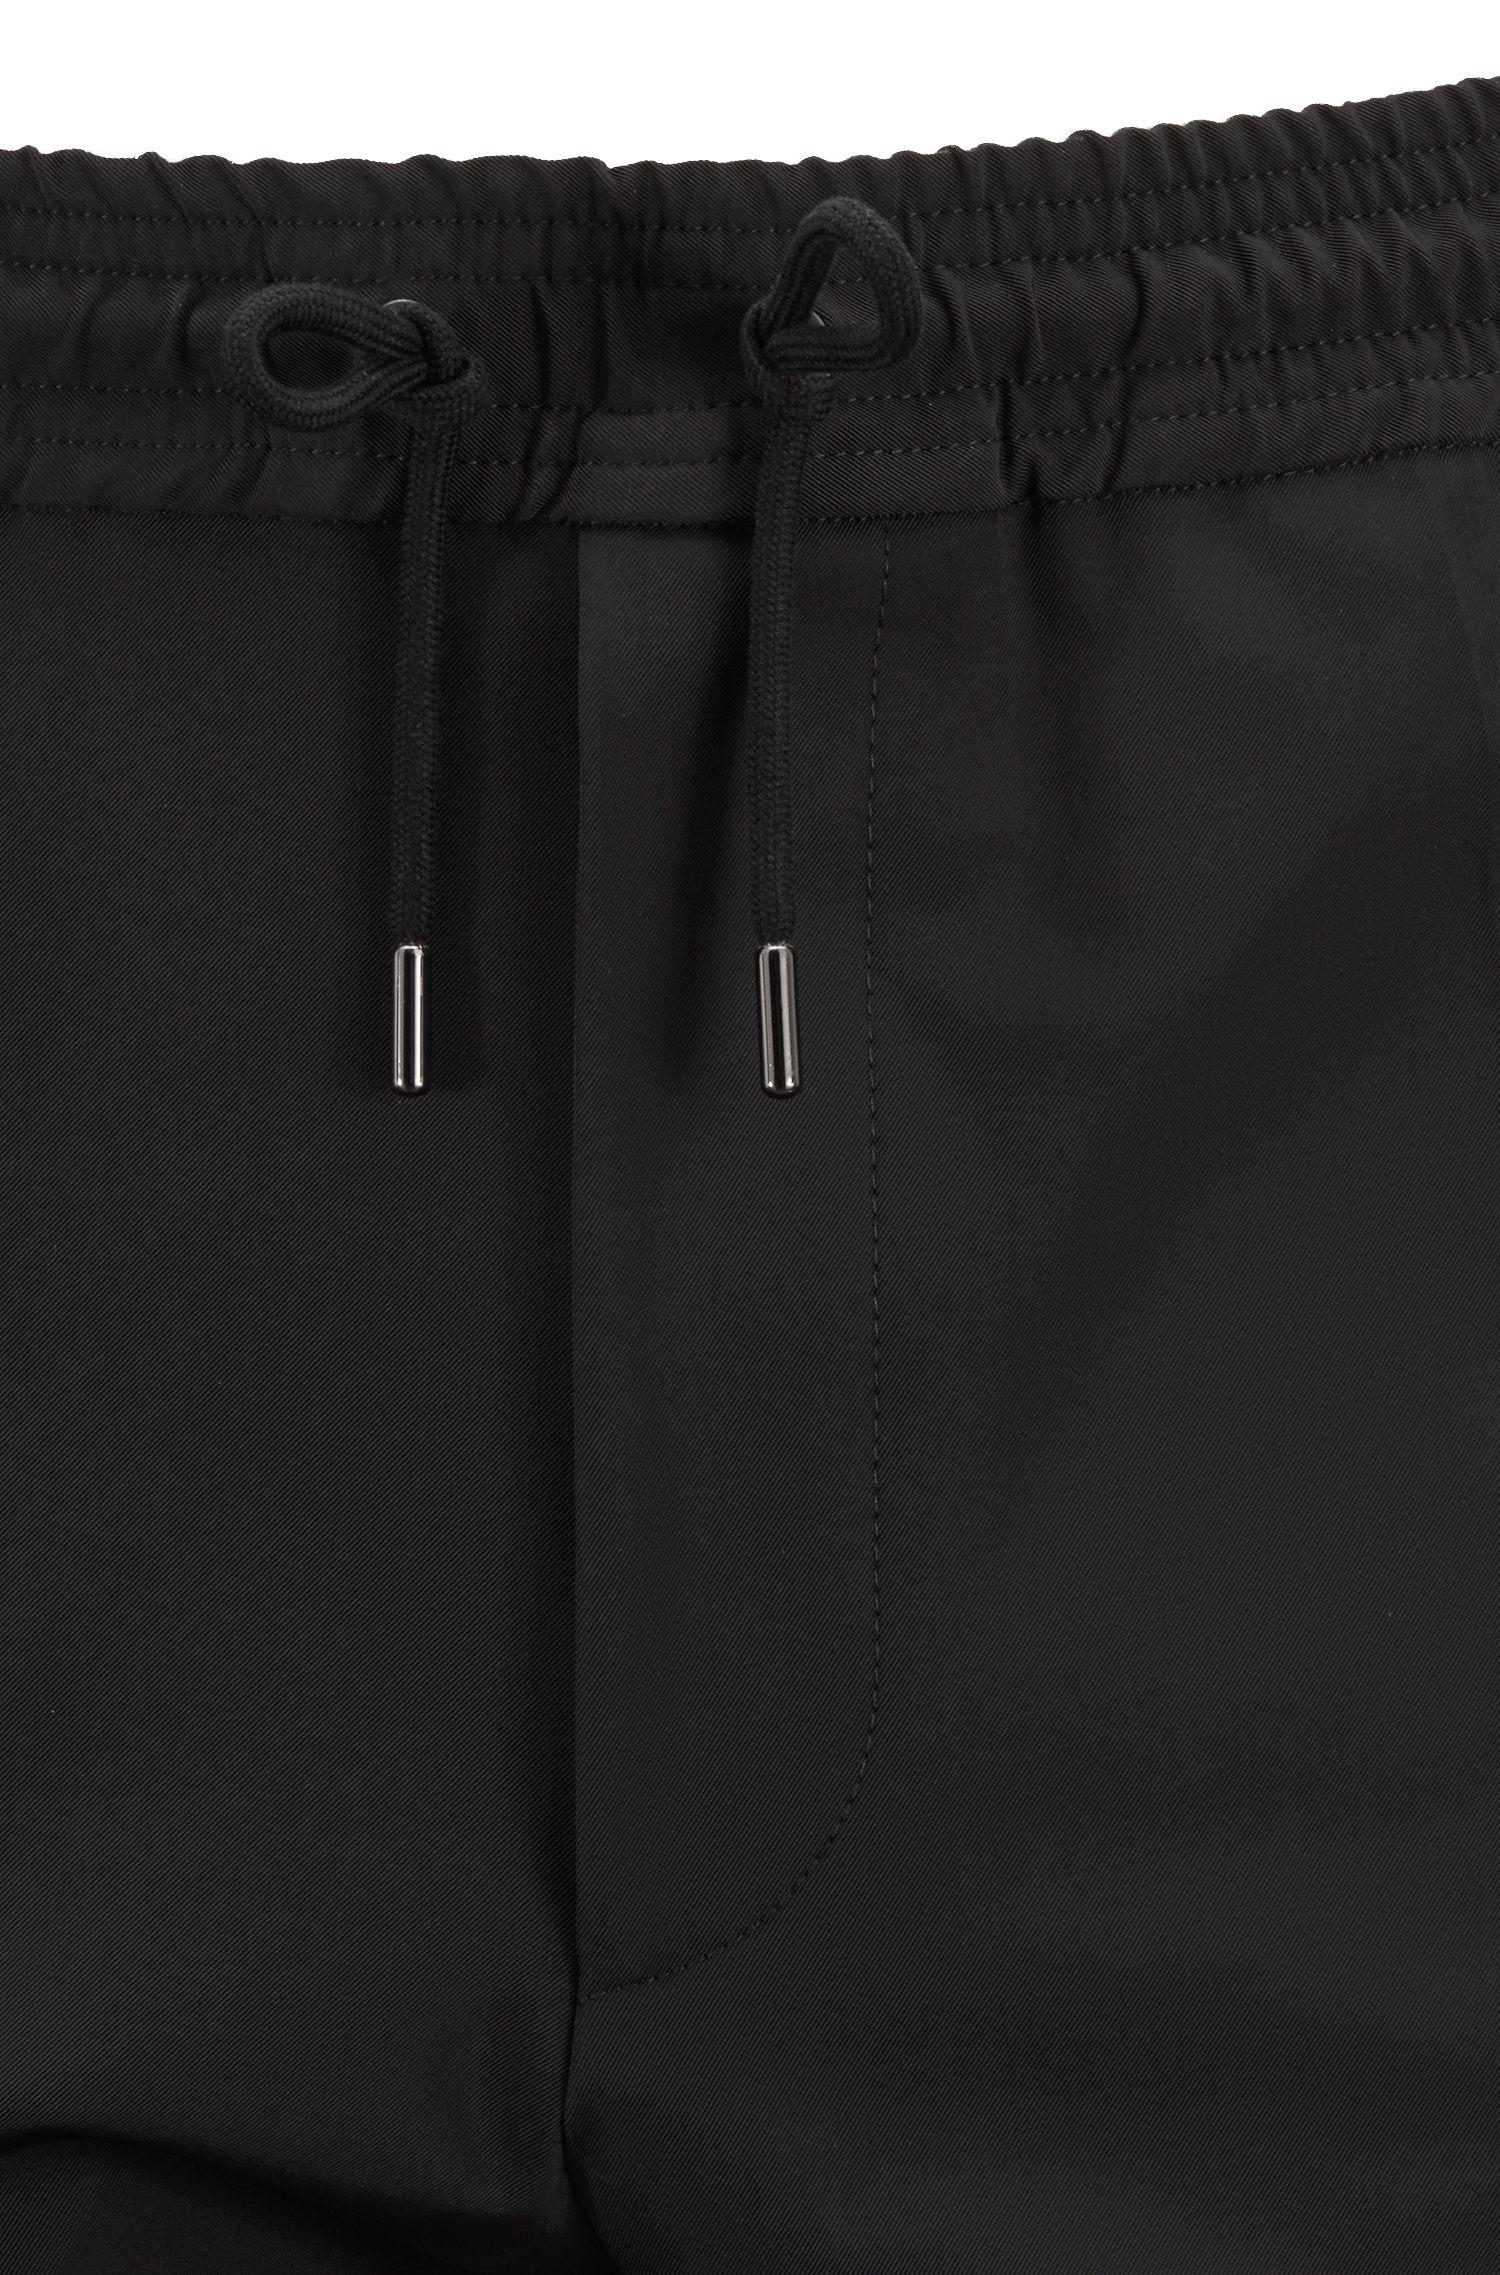 Pantalones relaxed fit de estilo tobillero con cintura con cordón, Negro